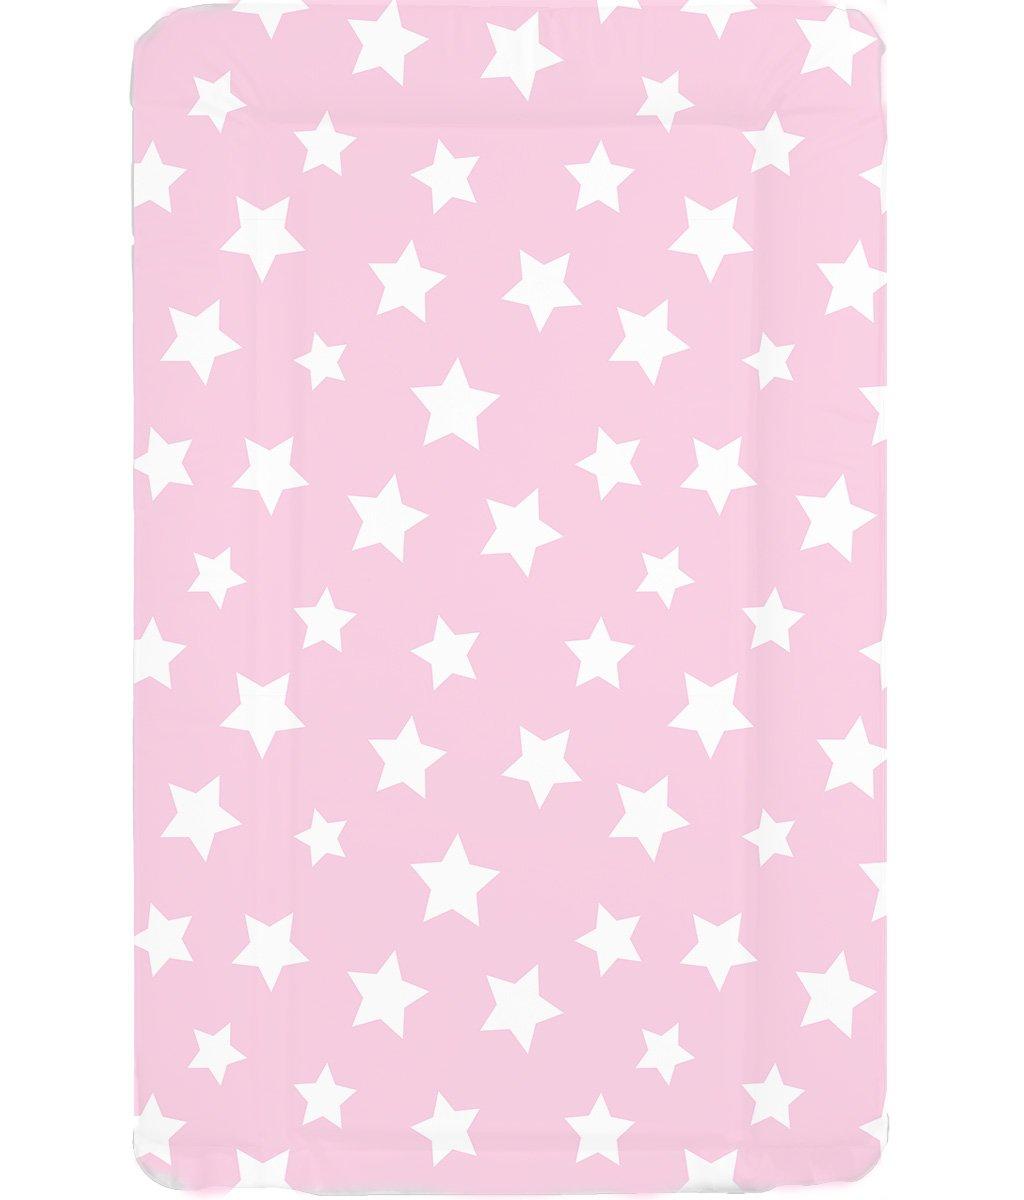 Estuche de lujo resistente al agua de beb/é Unisex lavable en los cambios de la estera l/ámpara de techo con de agarrado f/ácil con indicadores de los bordes de color rosa y con tapa de cierre blanco dise/ño de estrellas multicolo